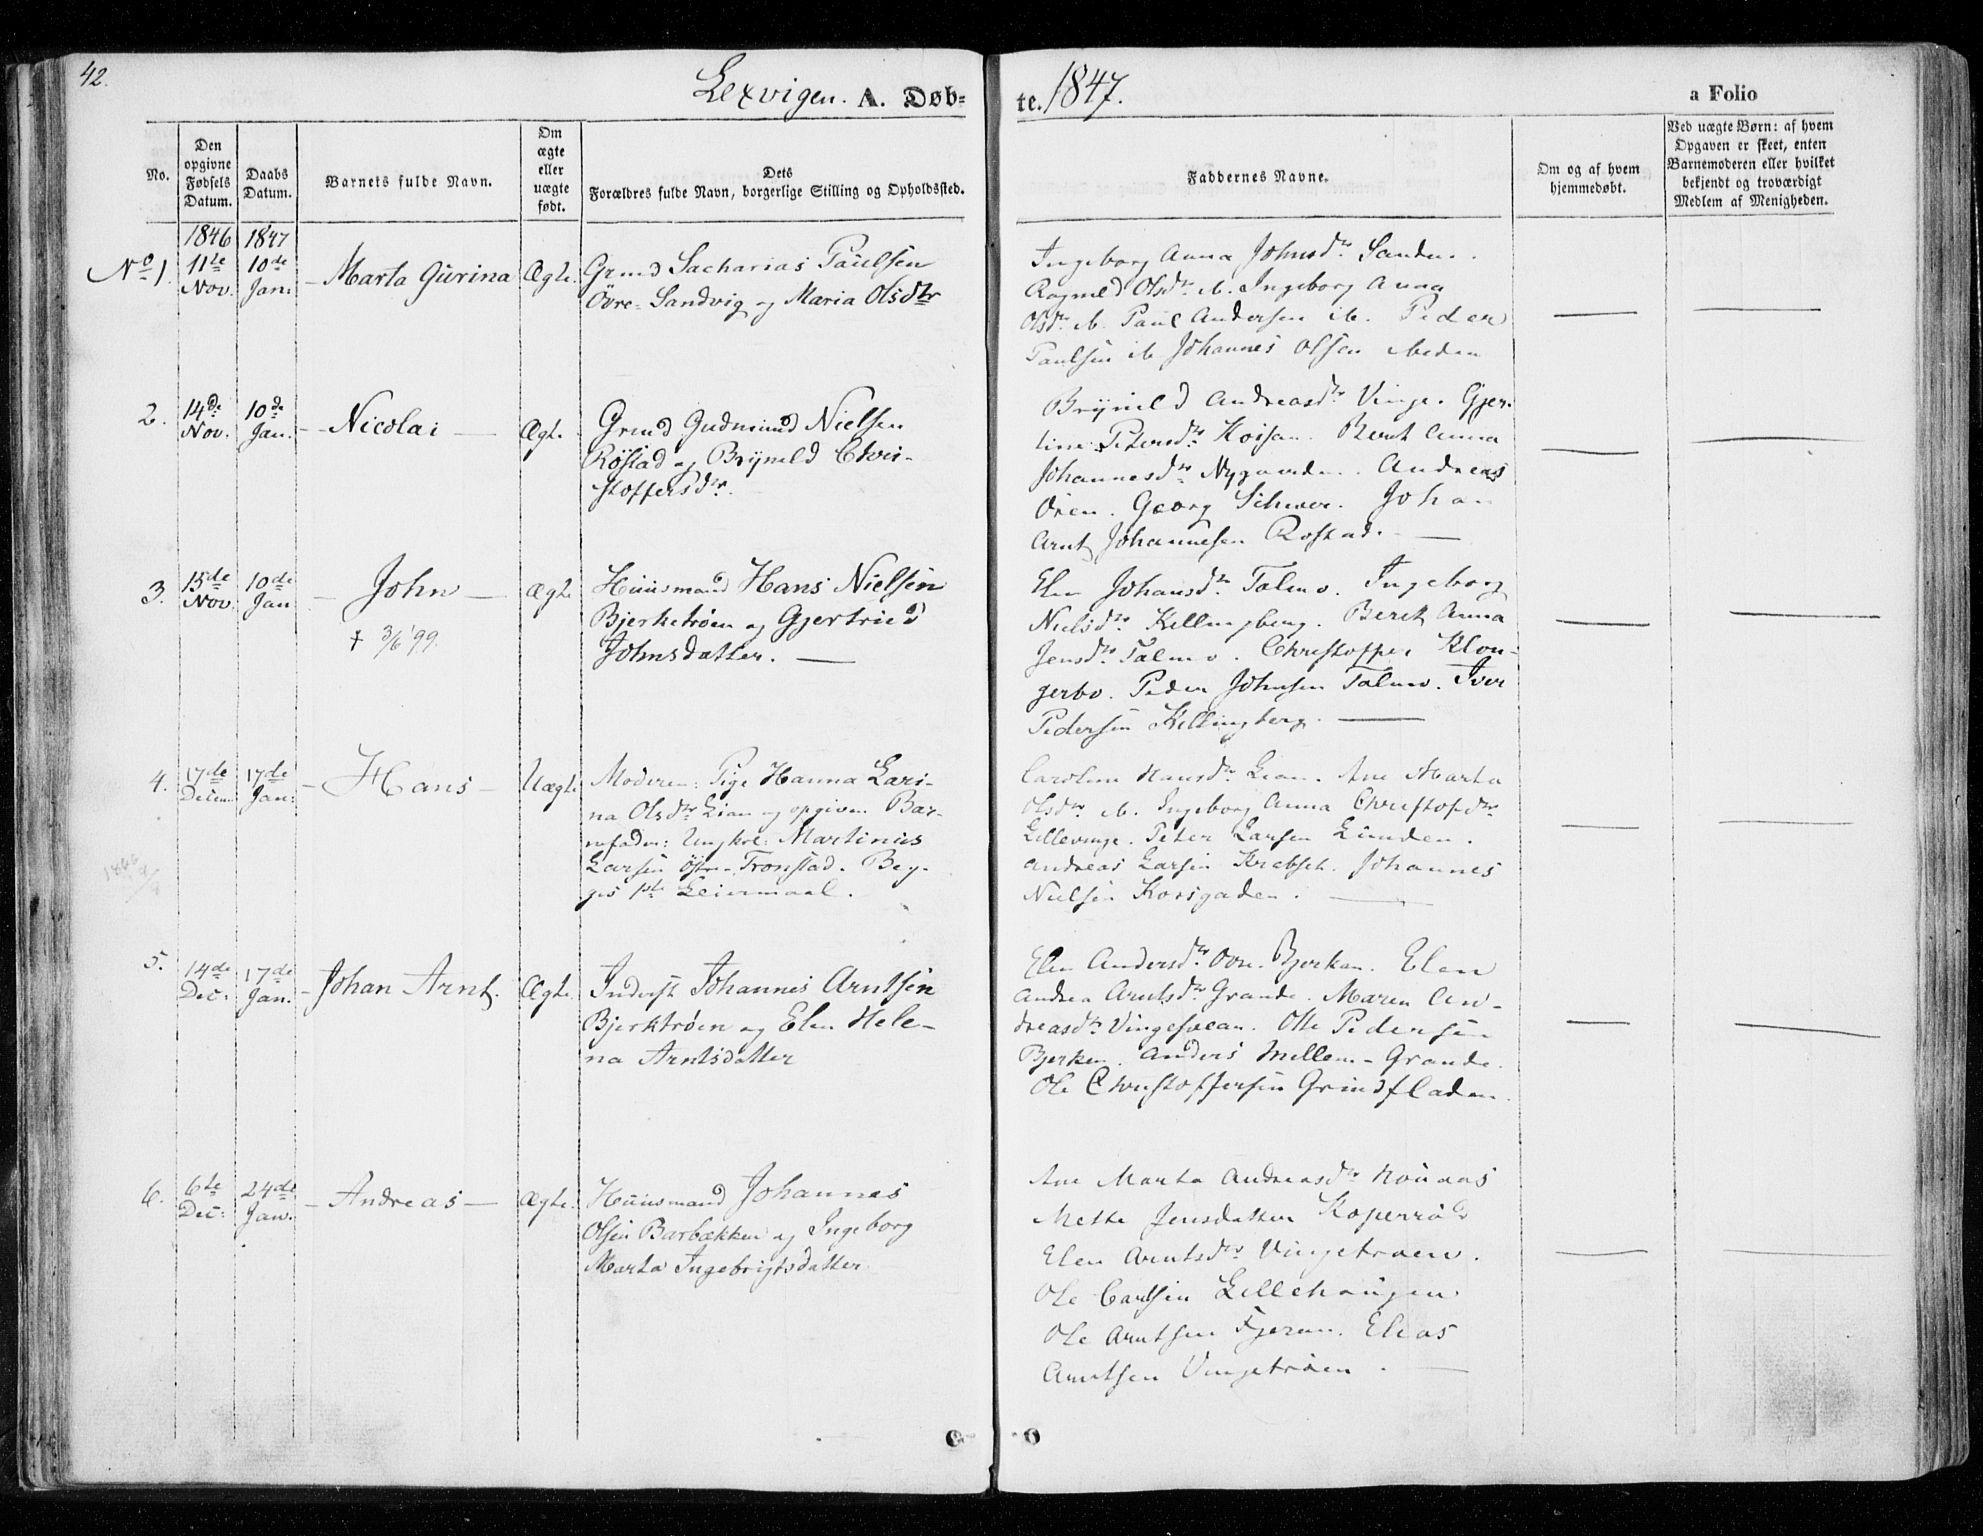 SAT, Ministerialprotokoller, klokkerbøker og fødselsregistre - Nord-Trøndelag, 701/L0007: Ministerialbok nr. 701A07 /1, 1842-1854, s. 42